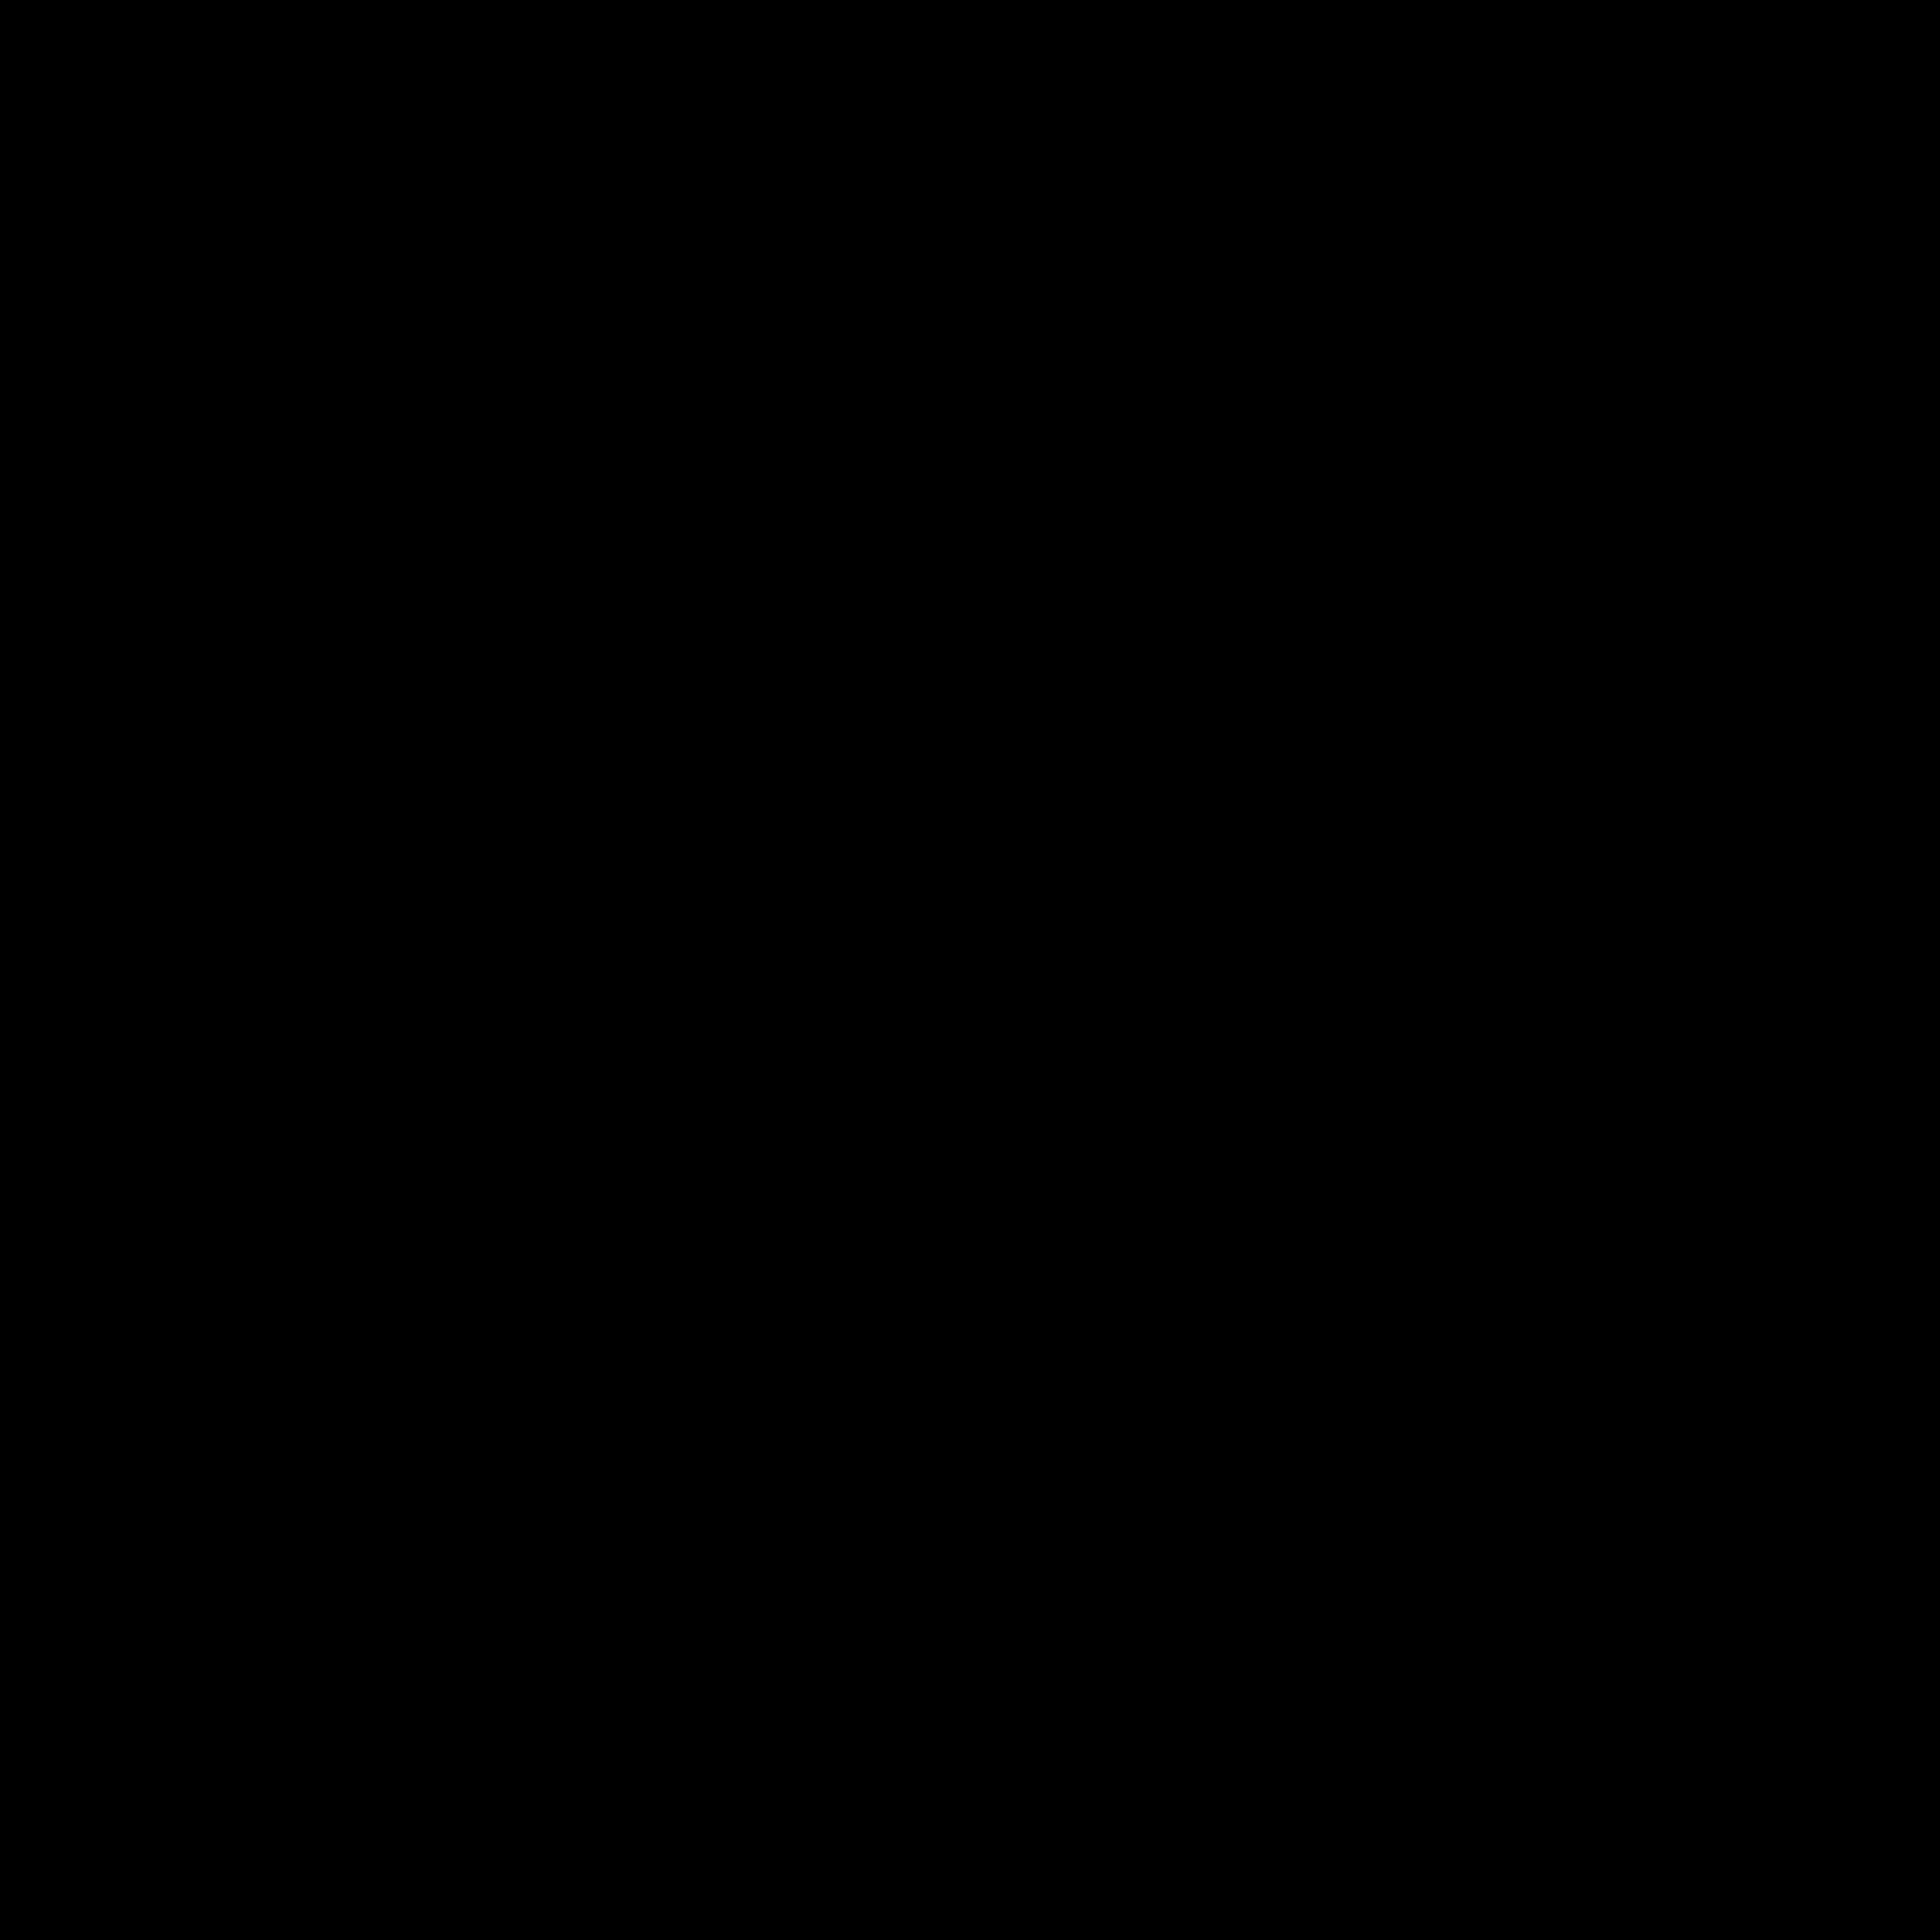 Casanova Cannabis Club Barcelona